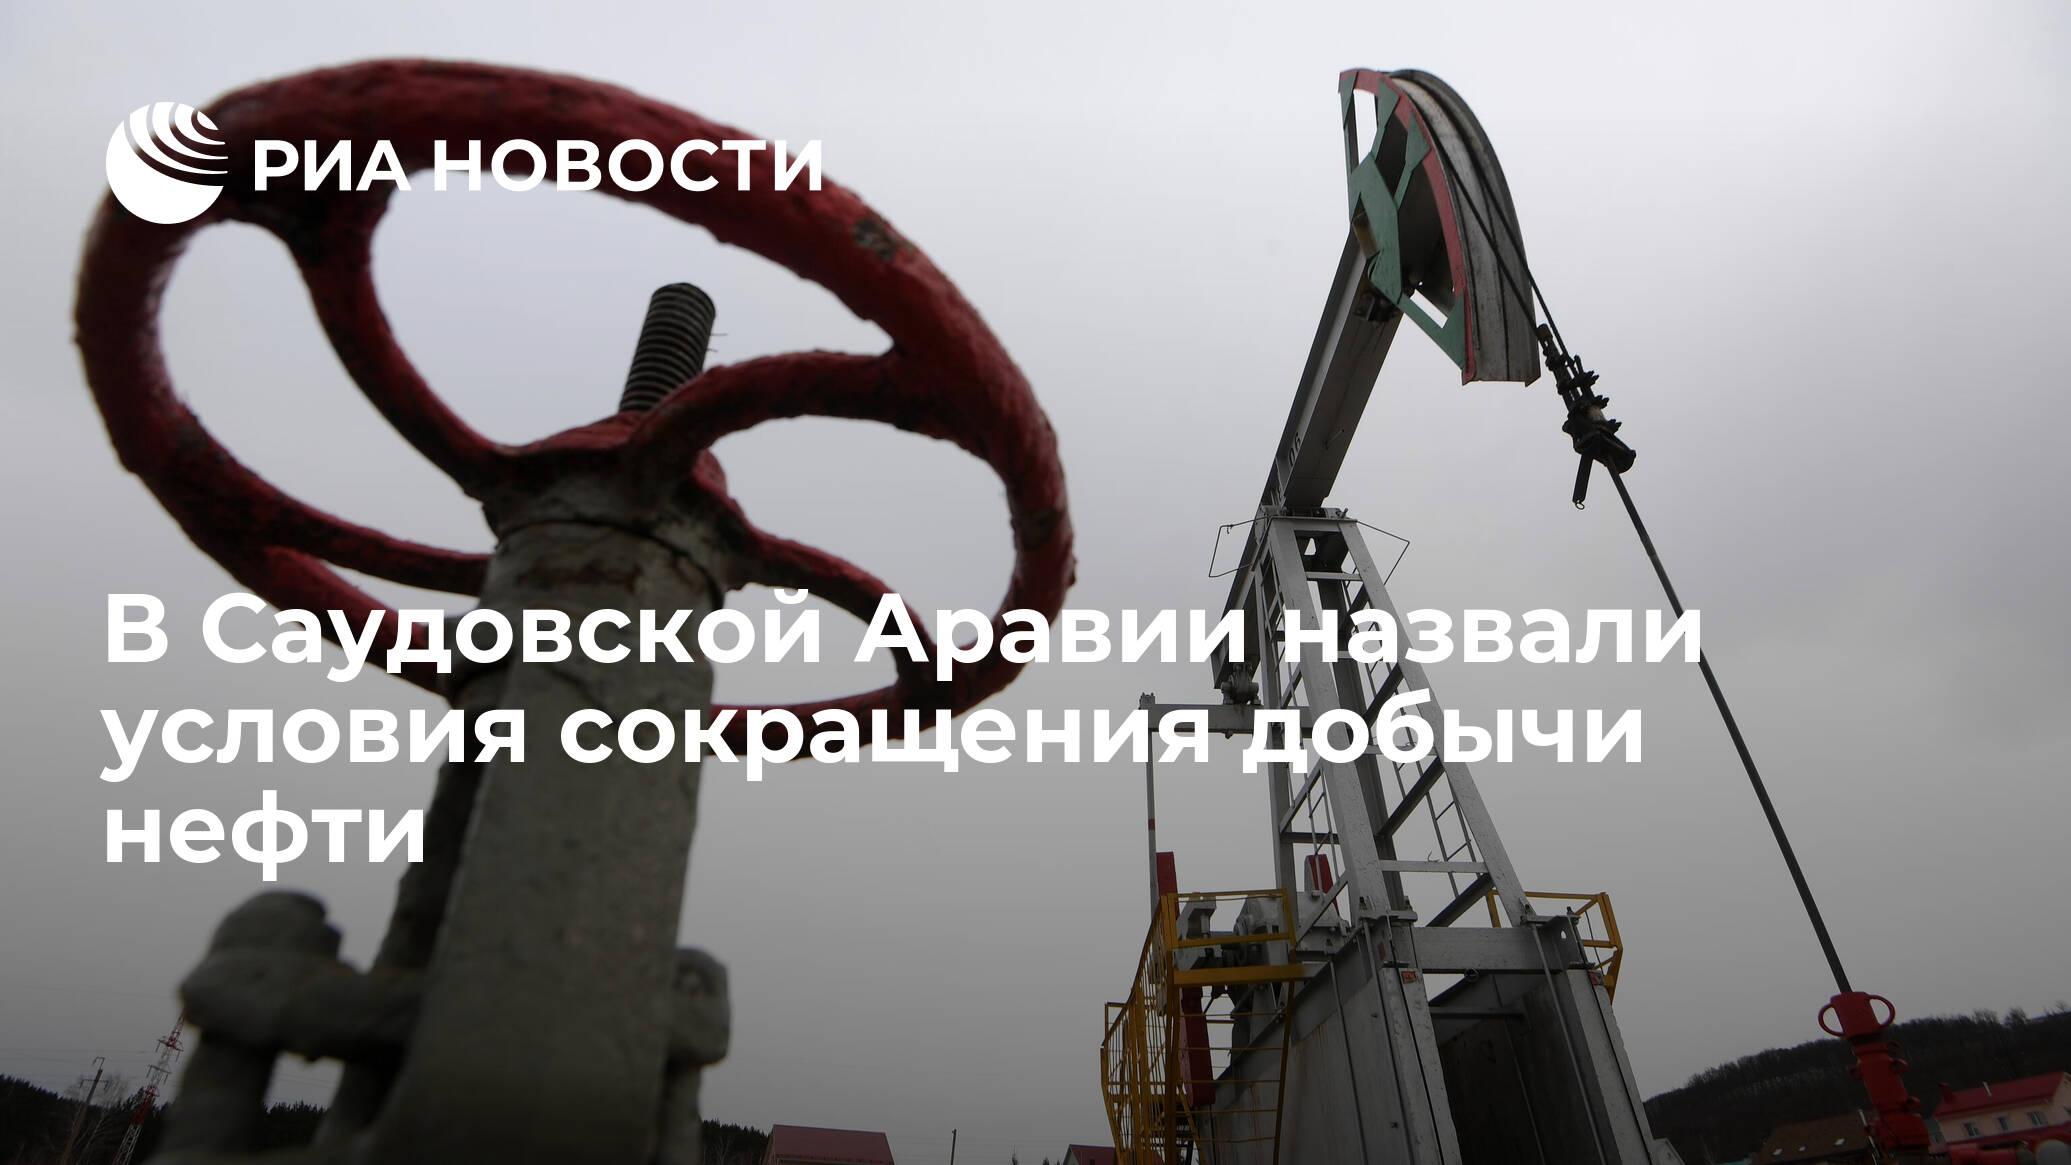 В Саудовской Аравии назвали условия сокращения добычи нефти - РИА НОВОСТИ